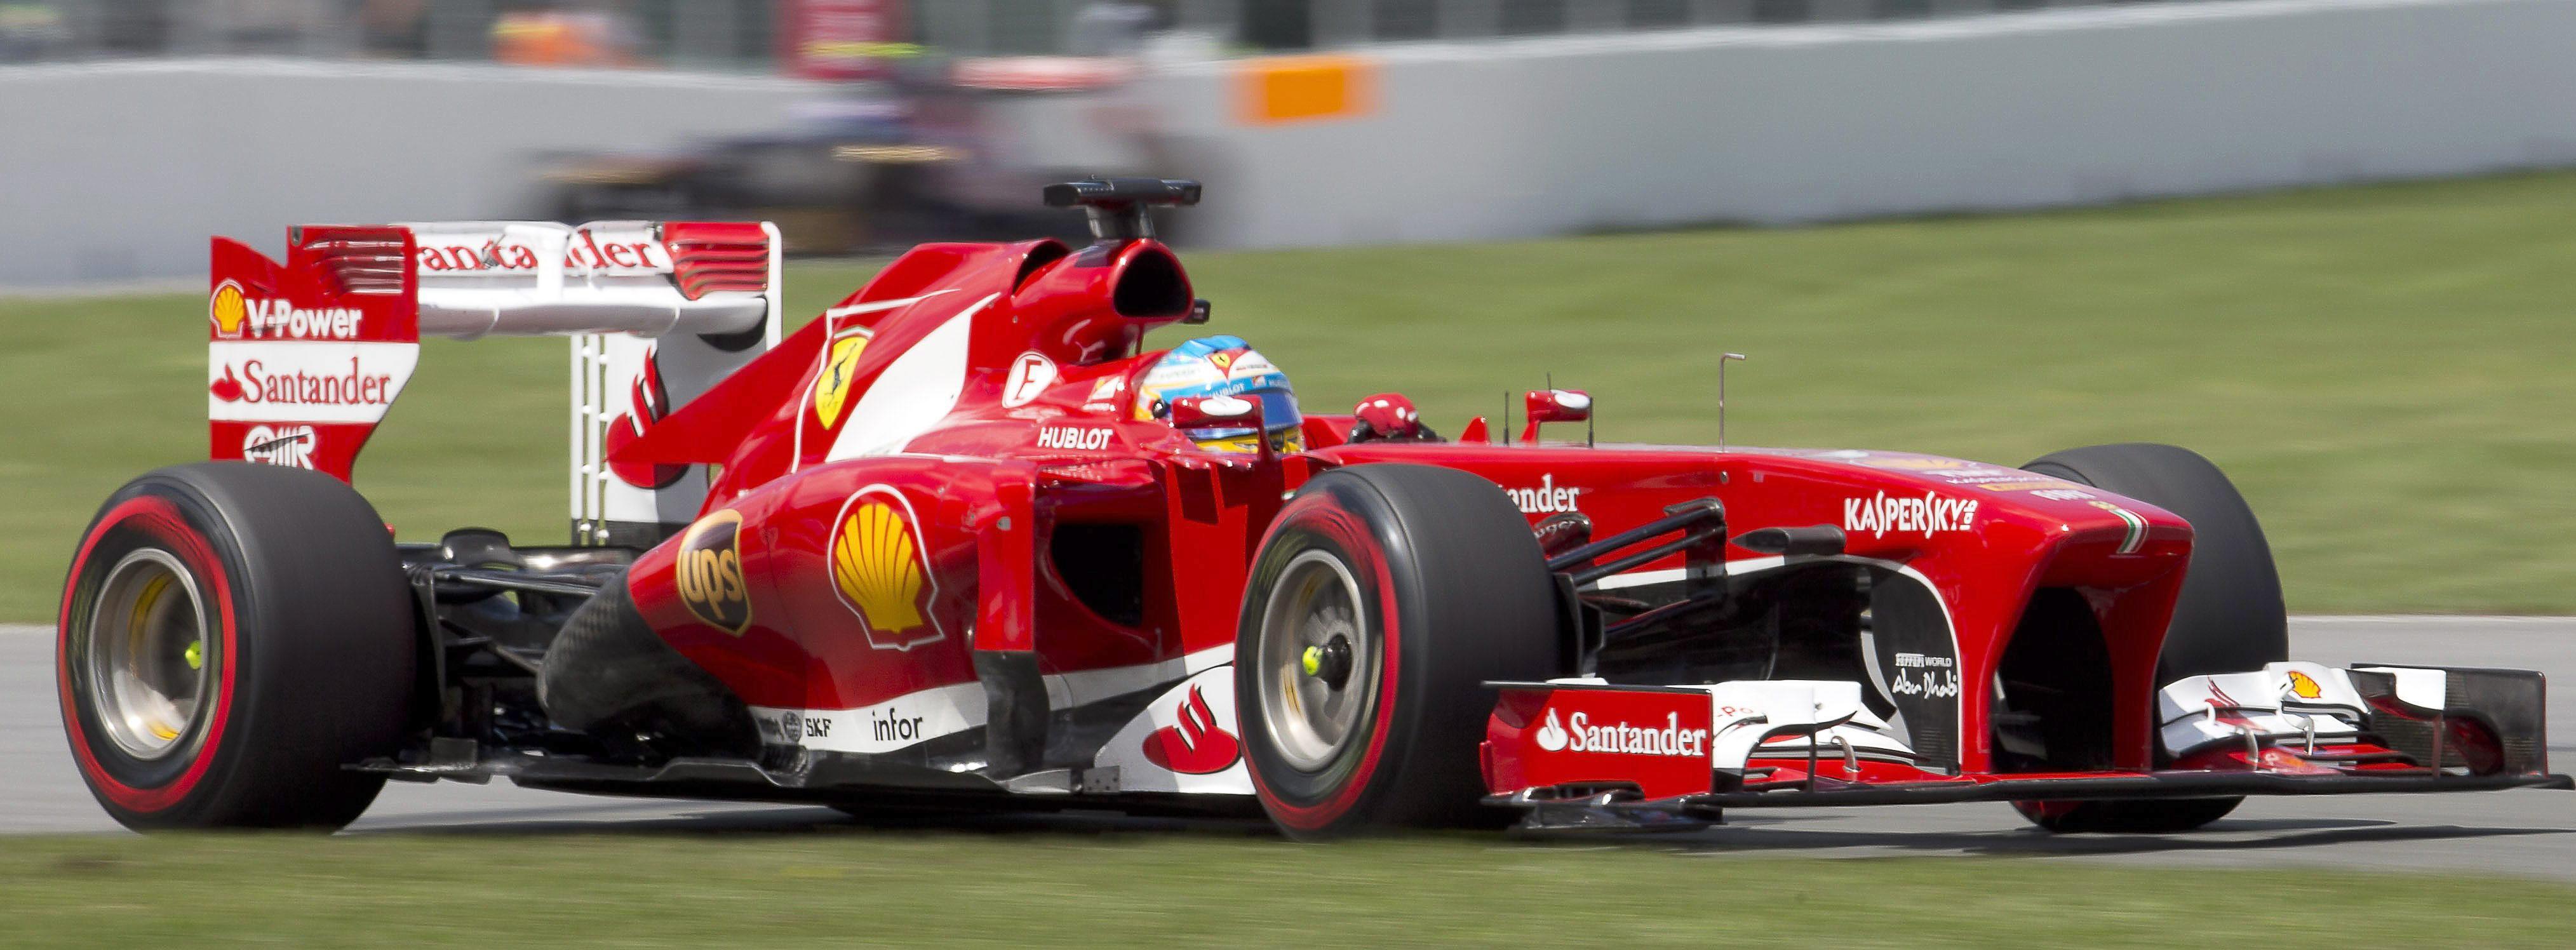 Mercedes manda en la primera sesión y Alonso no puede completar ni una vuelta